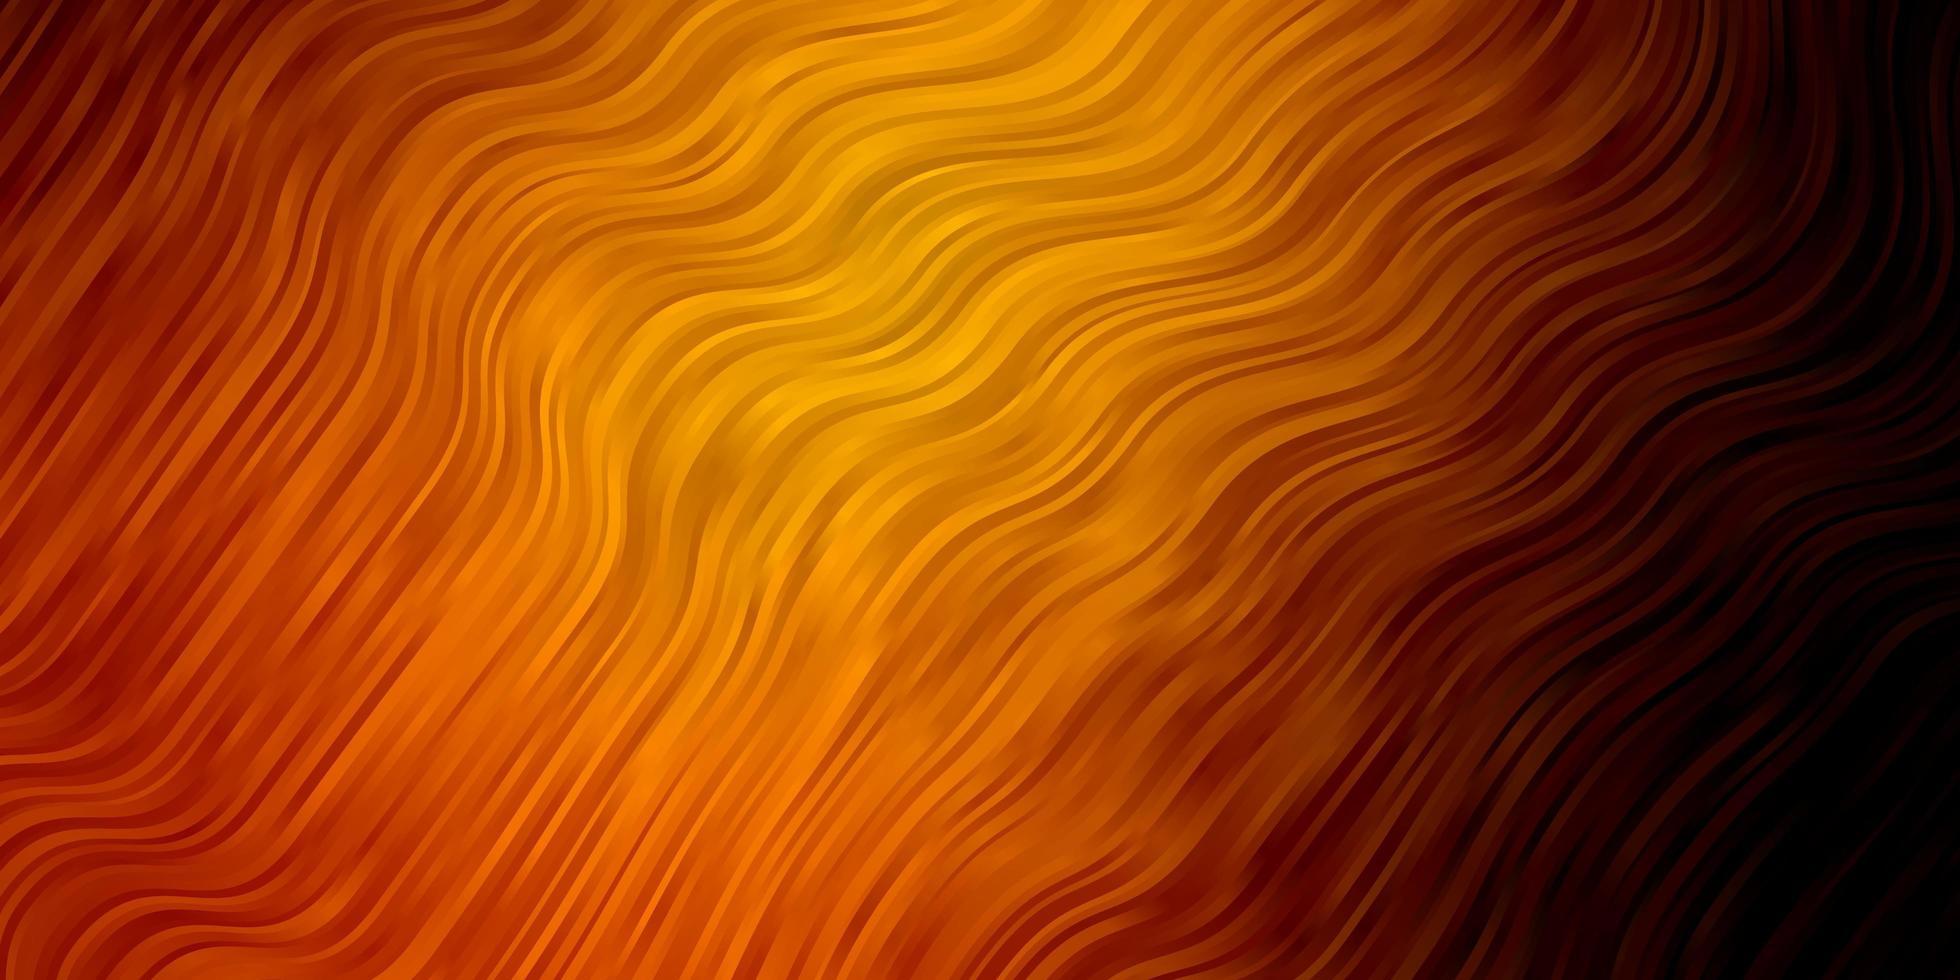 donkeroranje vectorachtergrond met gebogen lijnen. vector